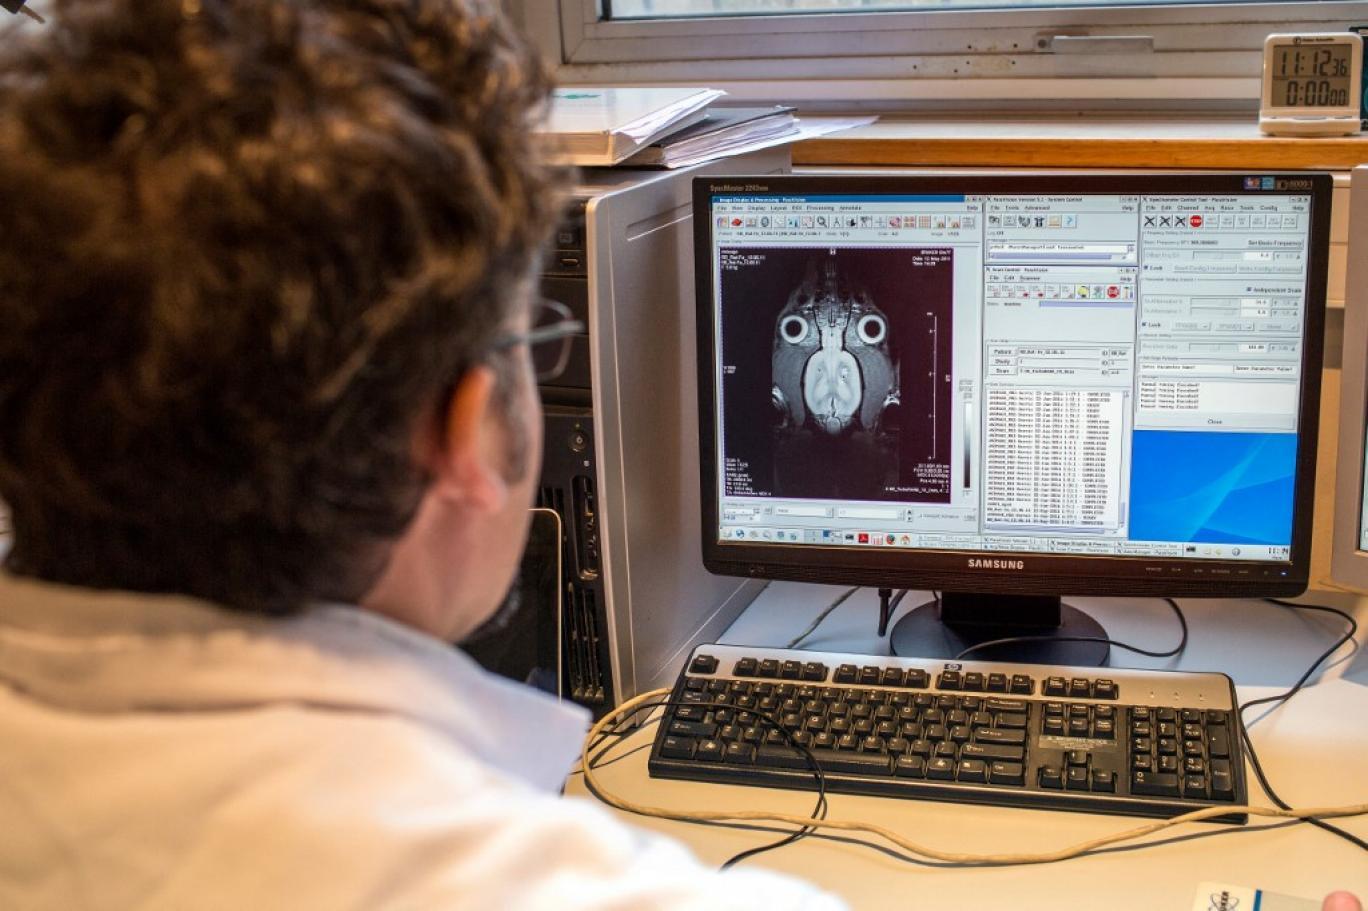 اتصال مغز به کامپیوتر بدون سیم!